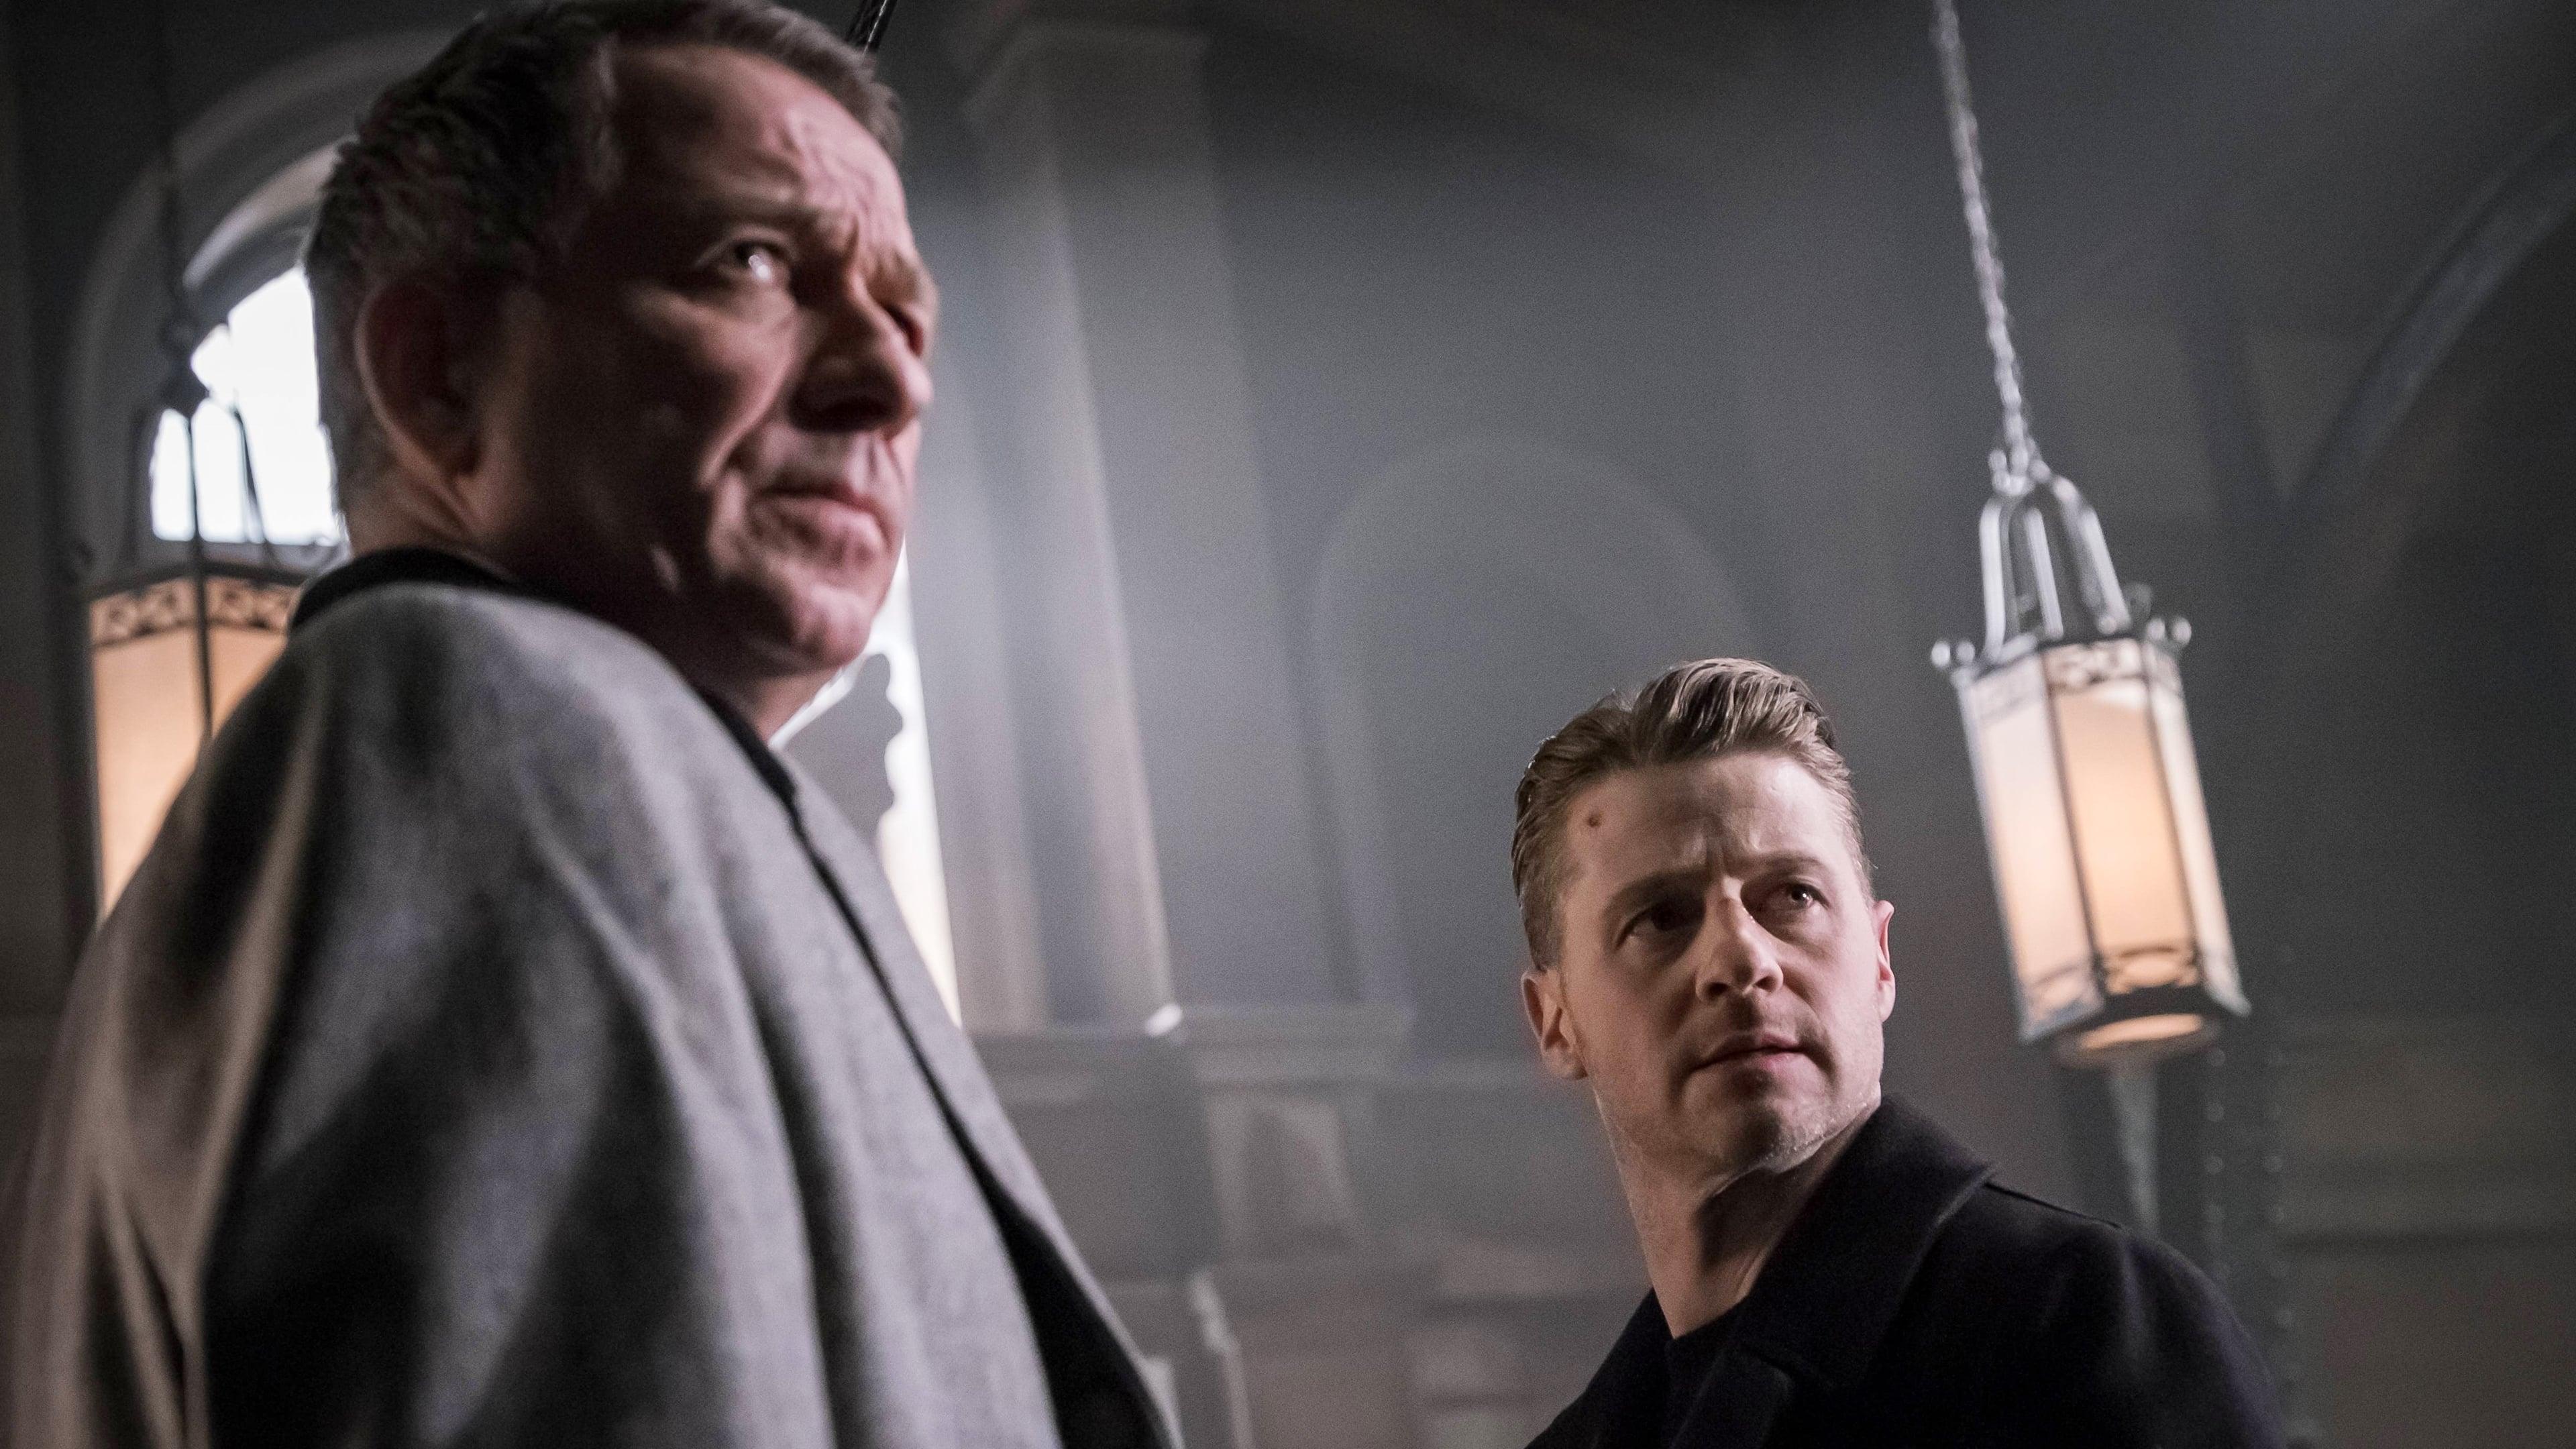 Watch Gotham Season 2 Episode 18 Free Online - 123Movies